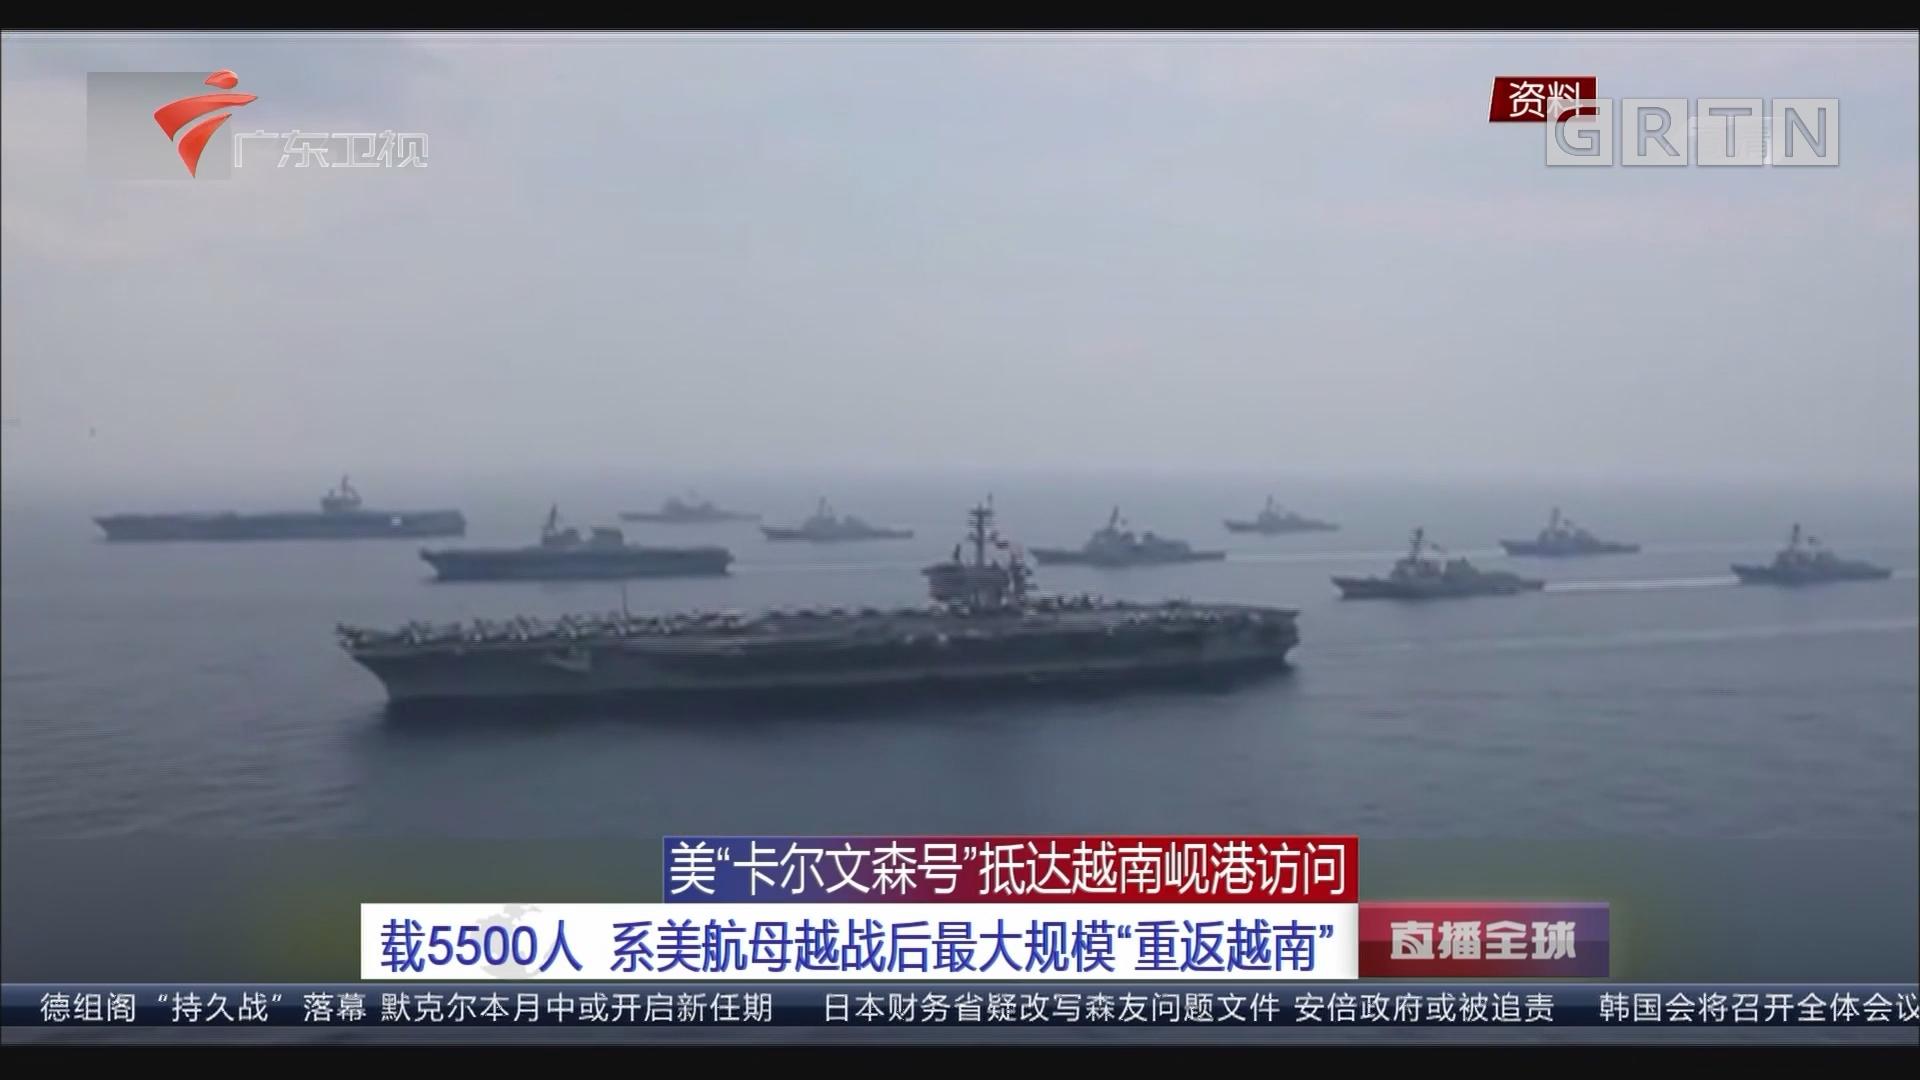 """美""""卡尔文森号""""抵达越南岘港访问:载5500人 系美航母越战后最大规模""""重返越南"""""""